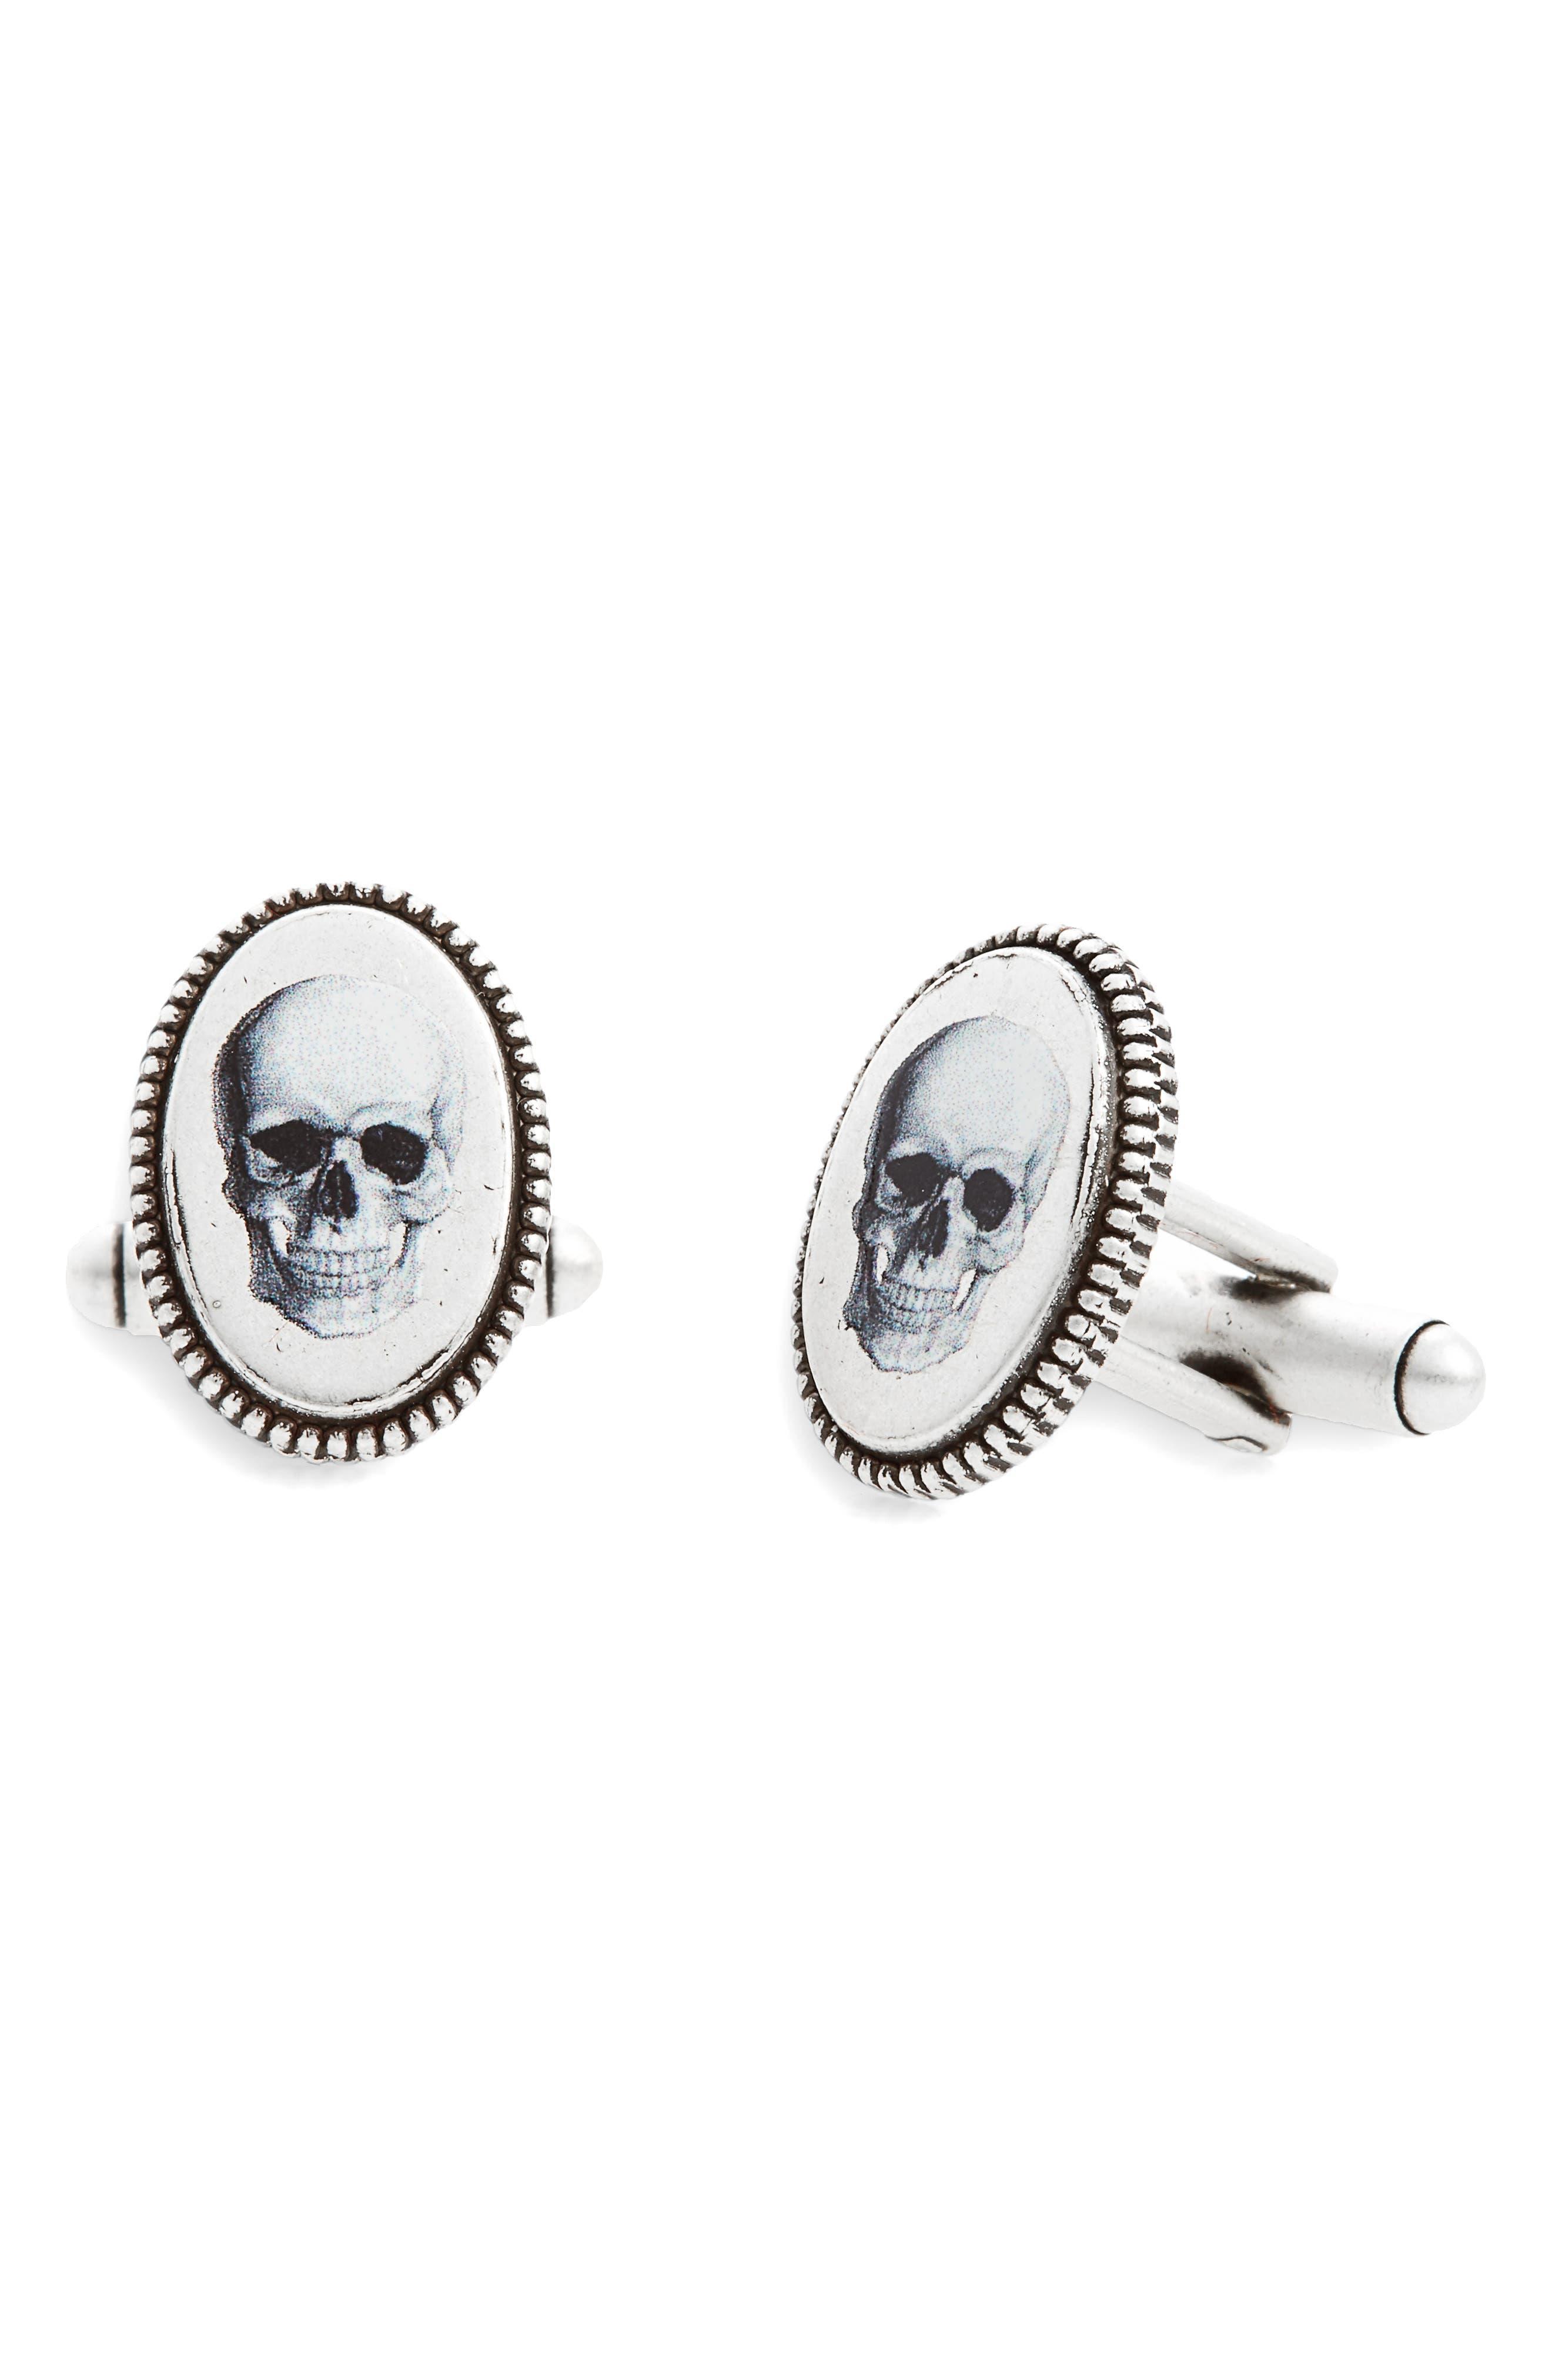 Link Up Skull Cuff Links